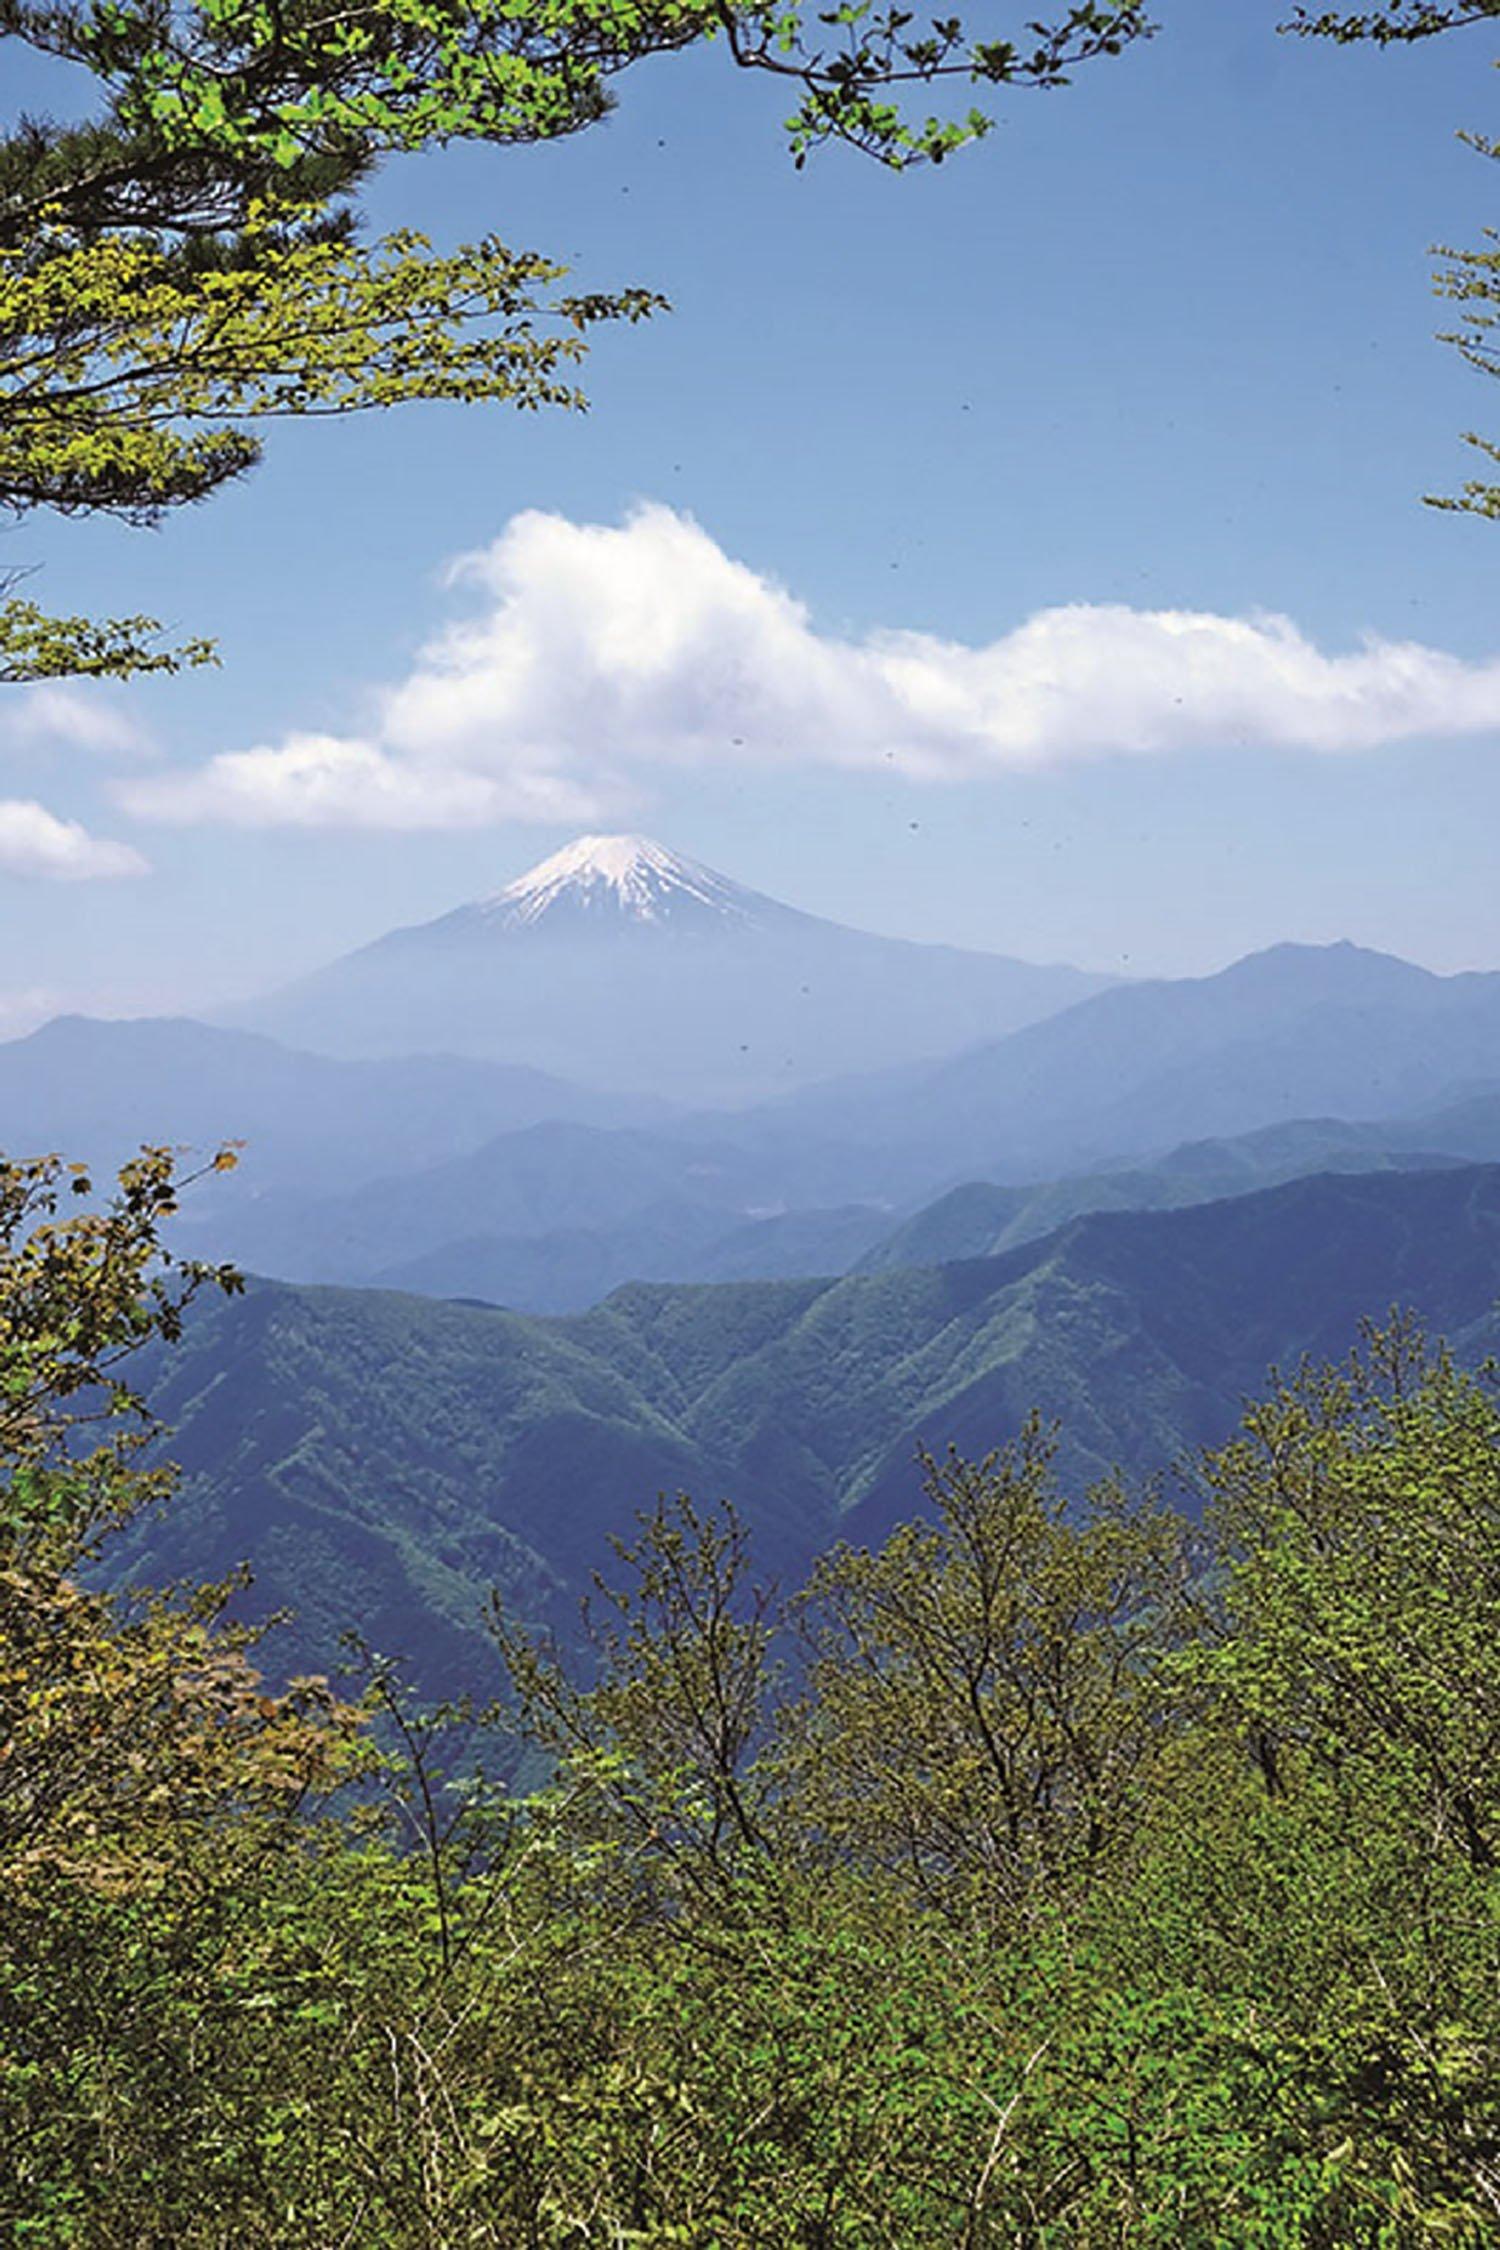 三頭山の西峰から見た富士山。三頭山には3カ所の山頂があるが、この西峰の展望がいい。